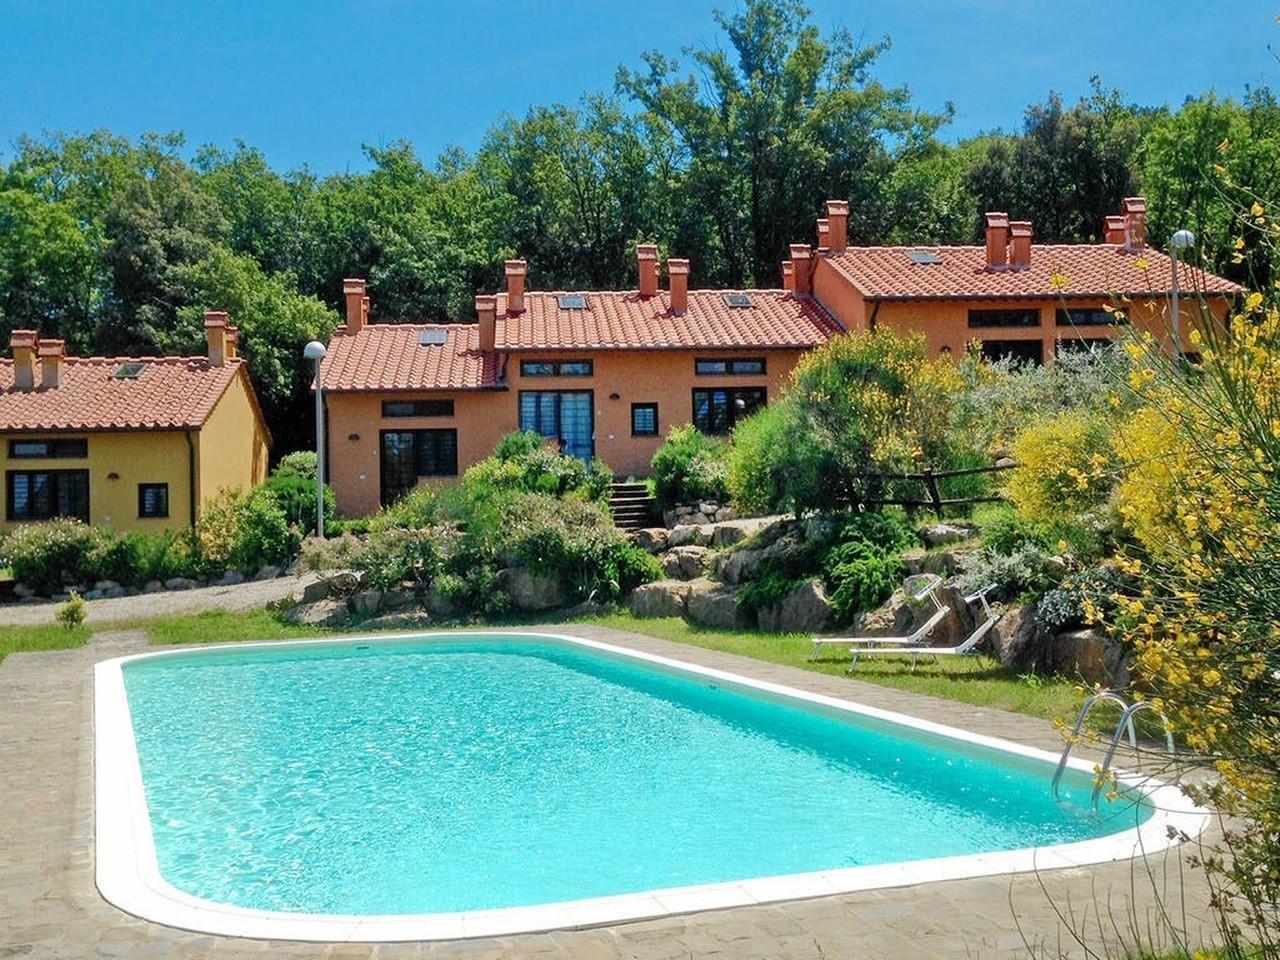 Appartamento in vendita a San Gimignano, 3 locali, prezzo € 158.000 | CambioCasa.it